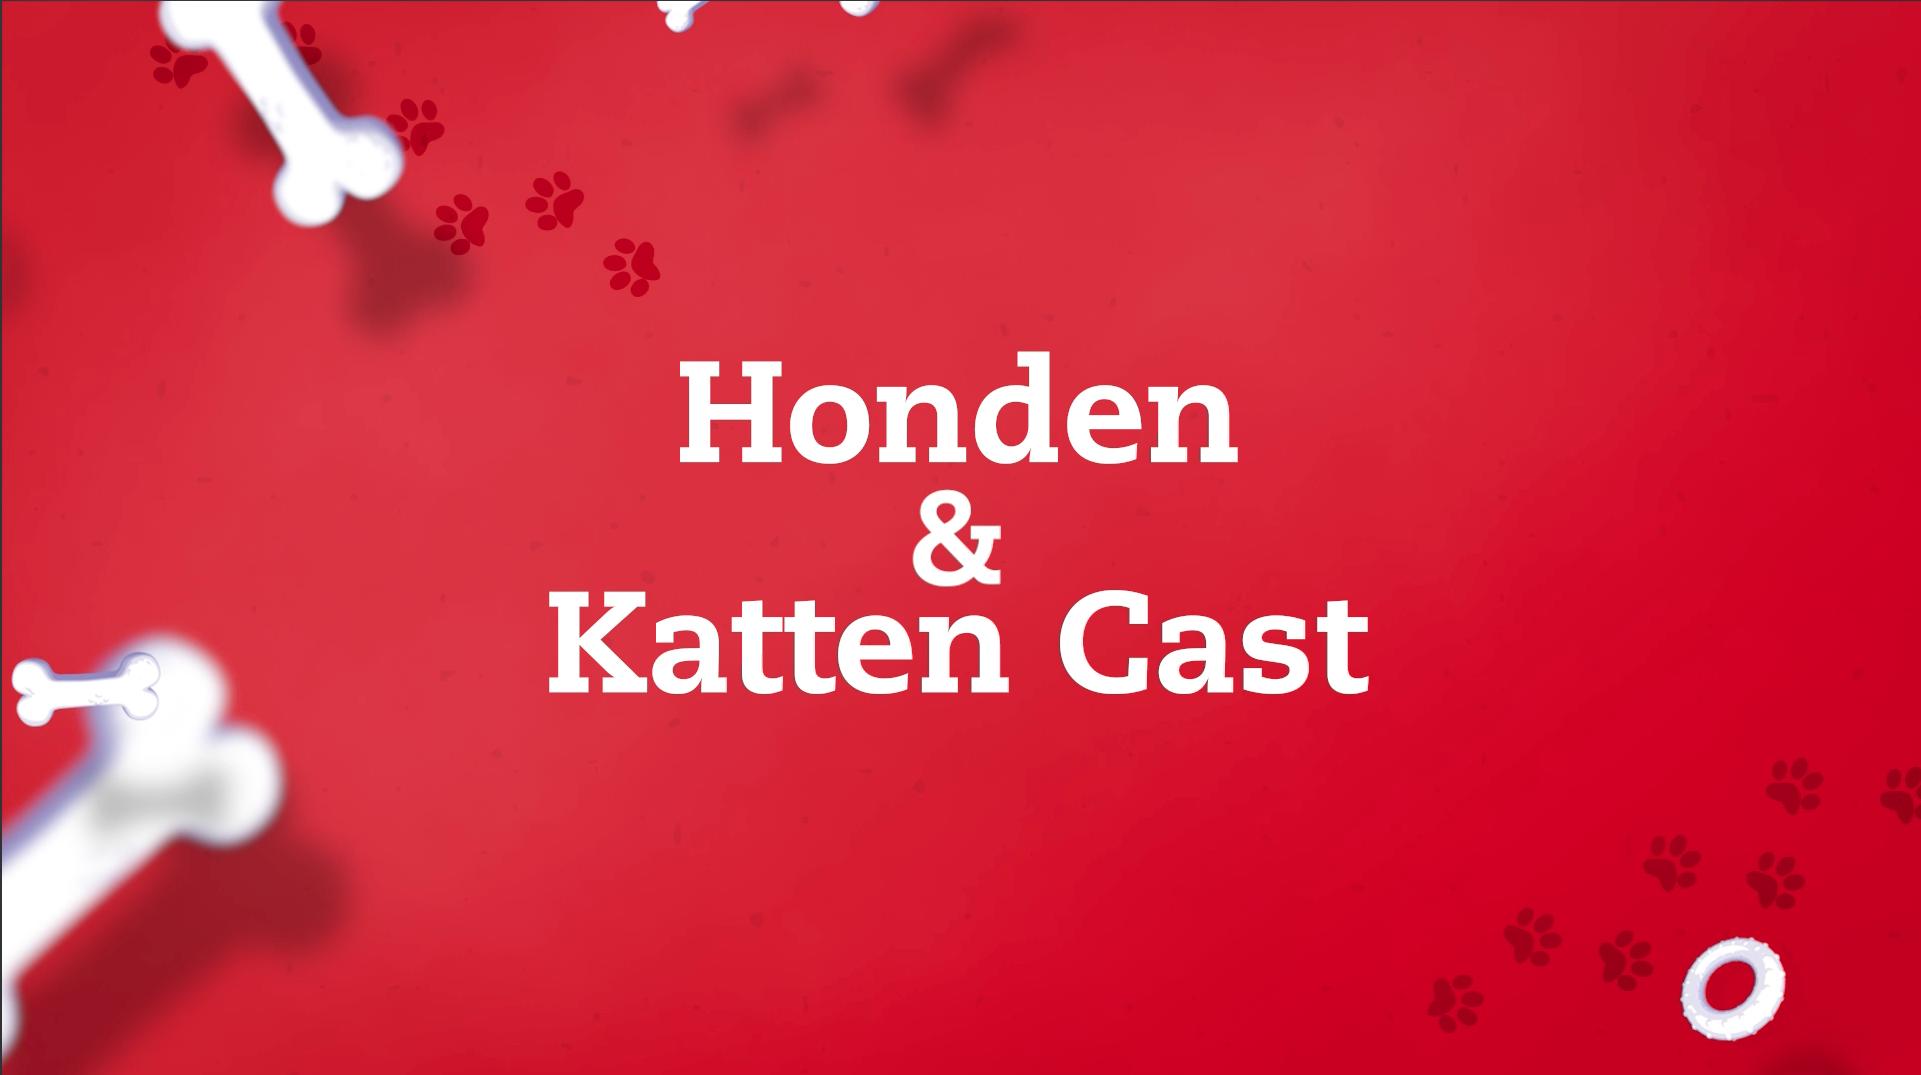 De Honden & Katten Cast